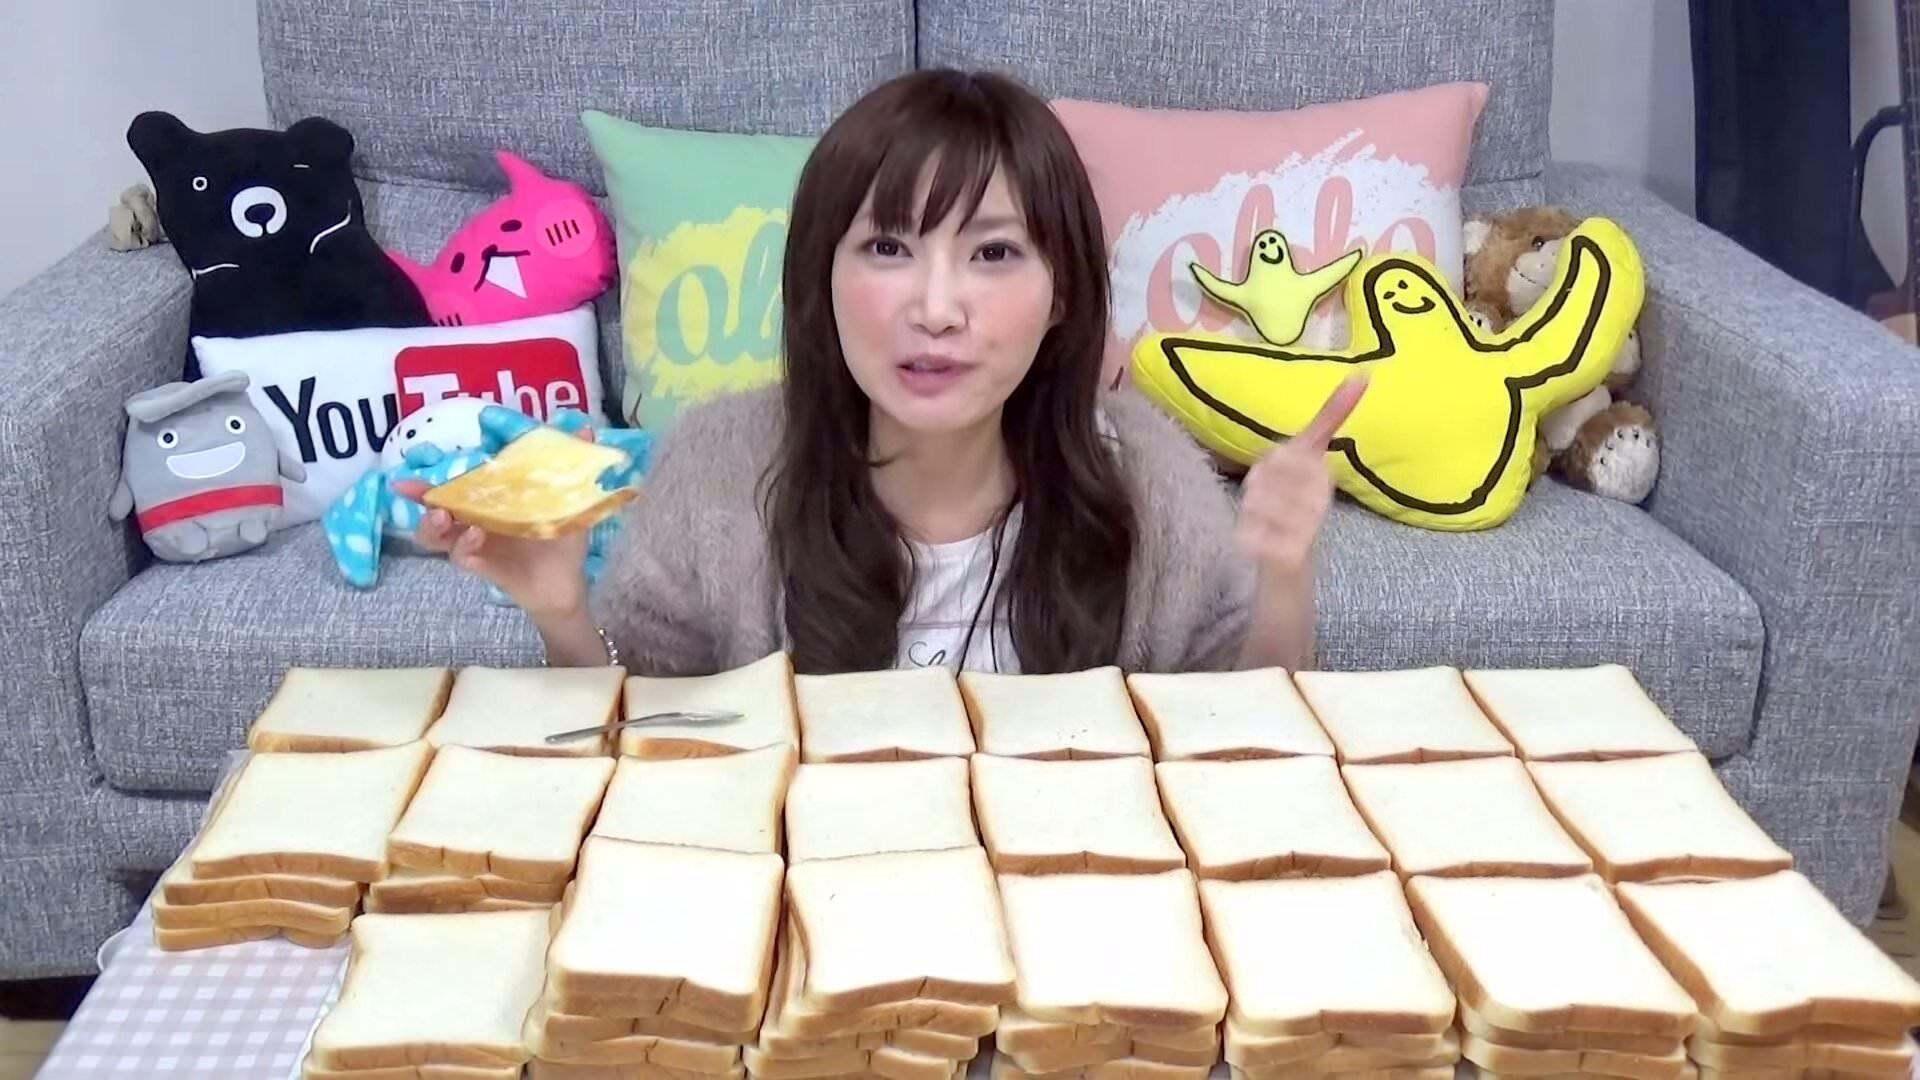 コレはやべえ!約3.9kgもの食パンを完食してしまう女性